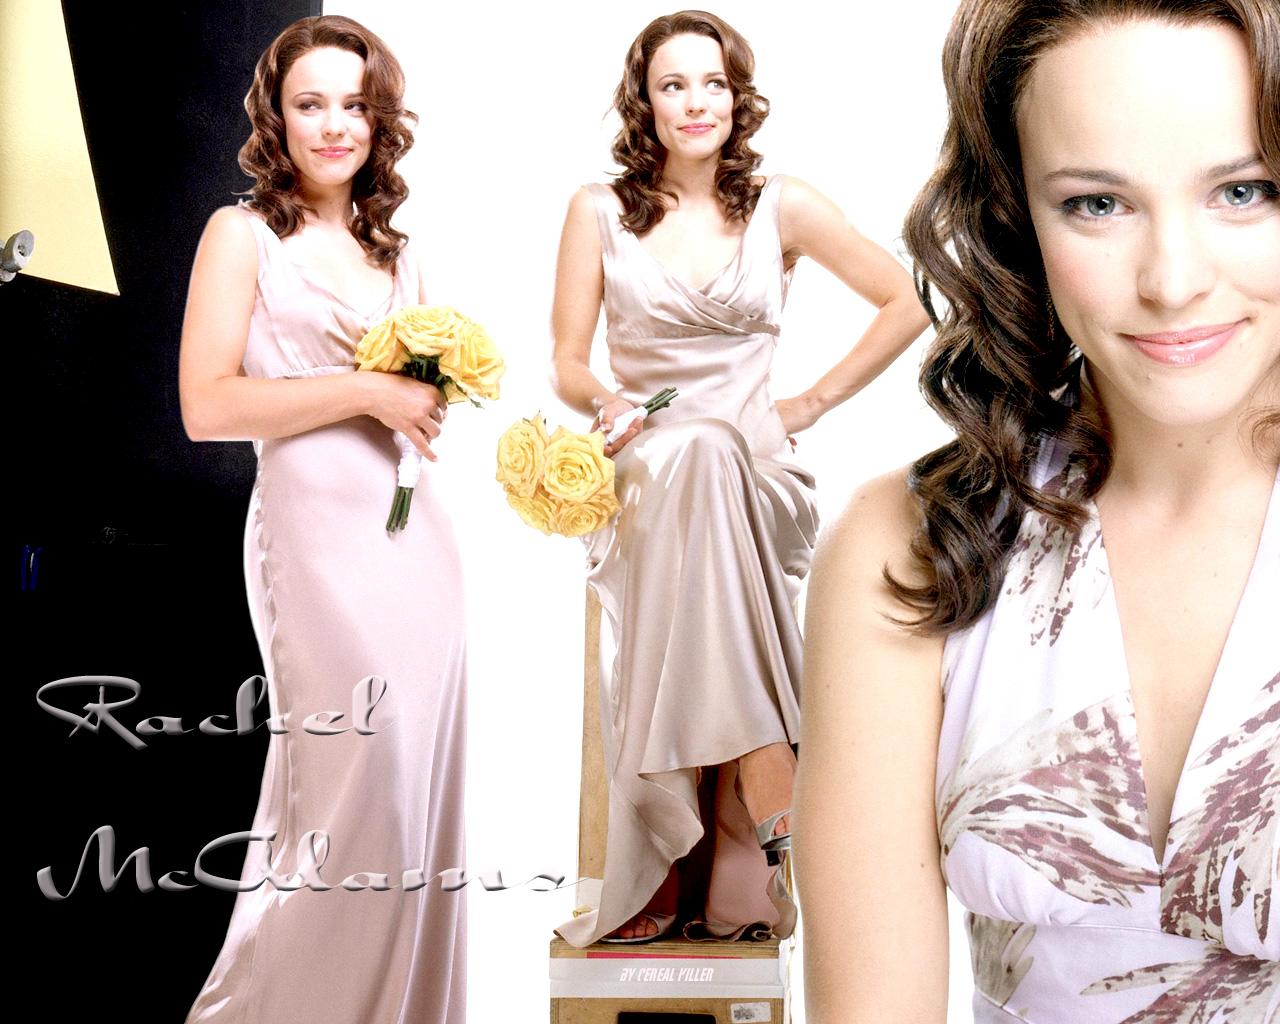 Rachel McAdams - Rachel